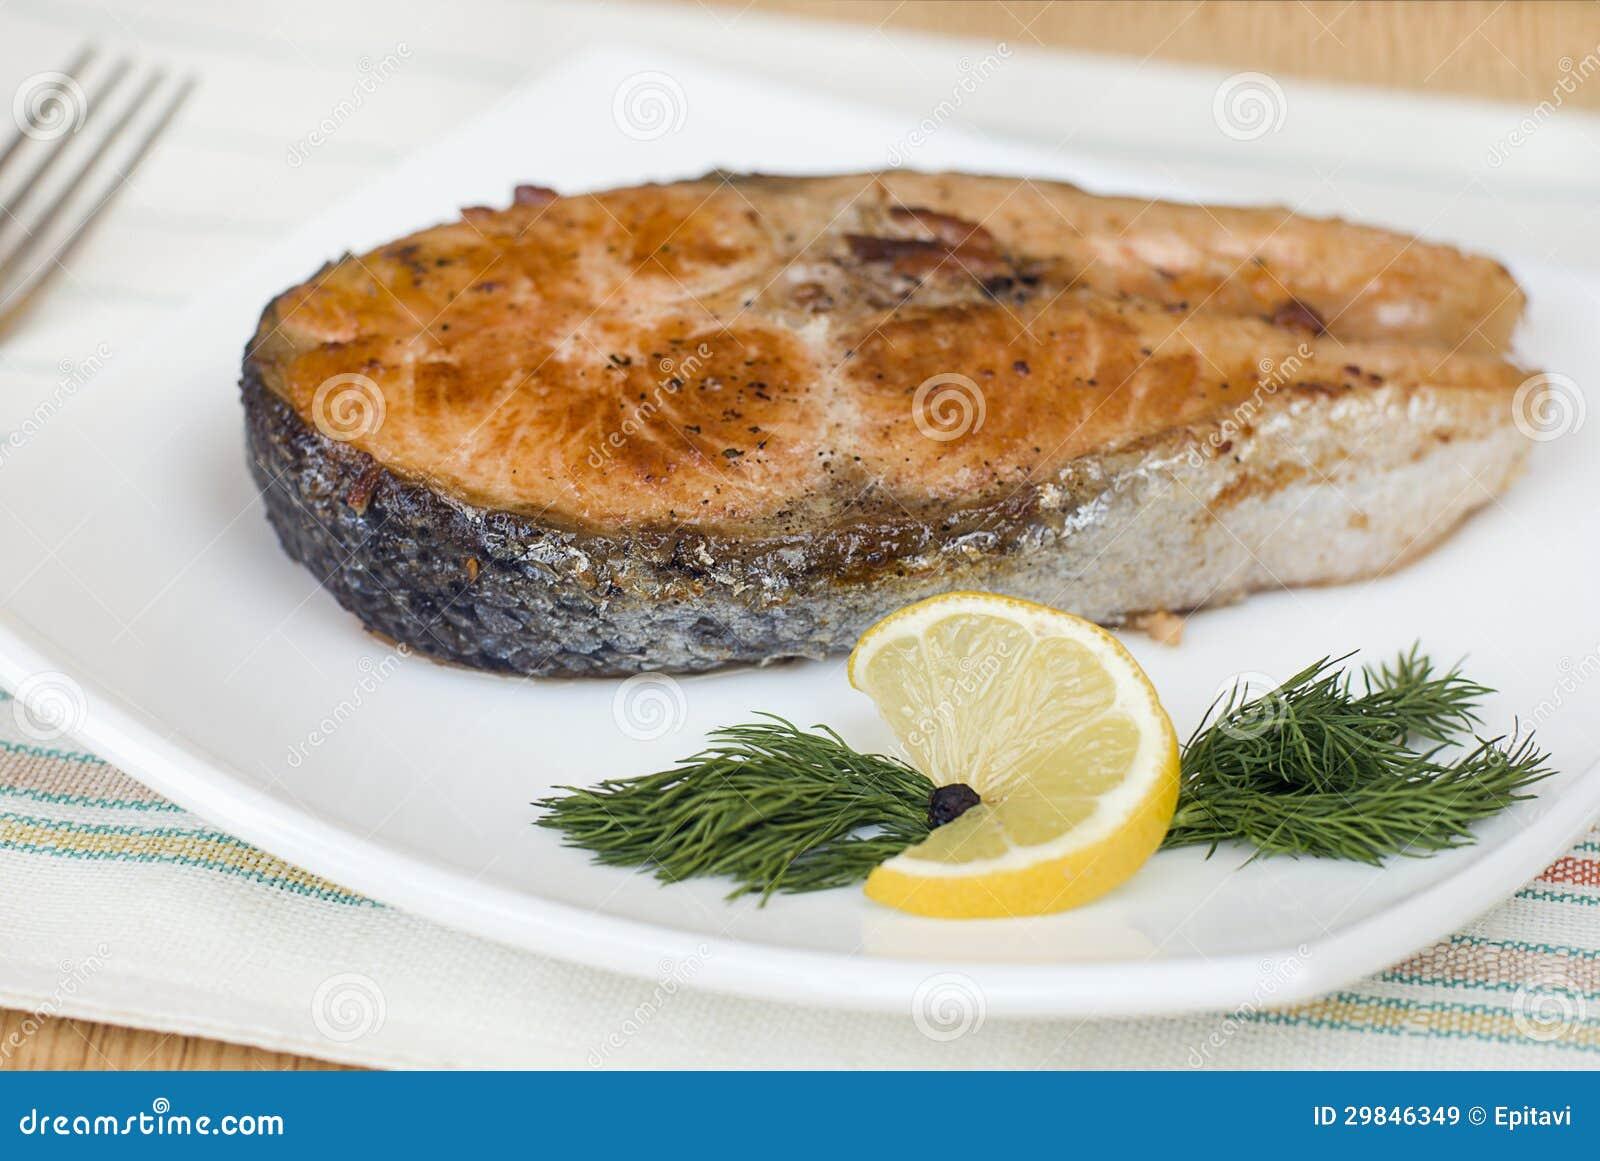 Truta fritada bife